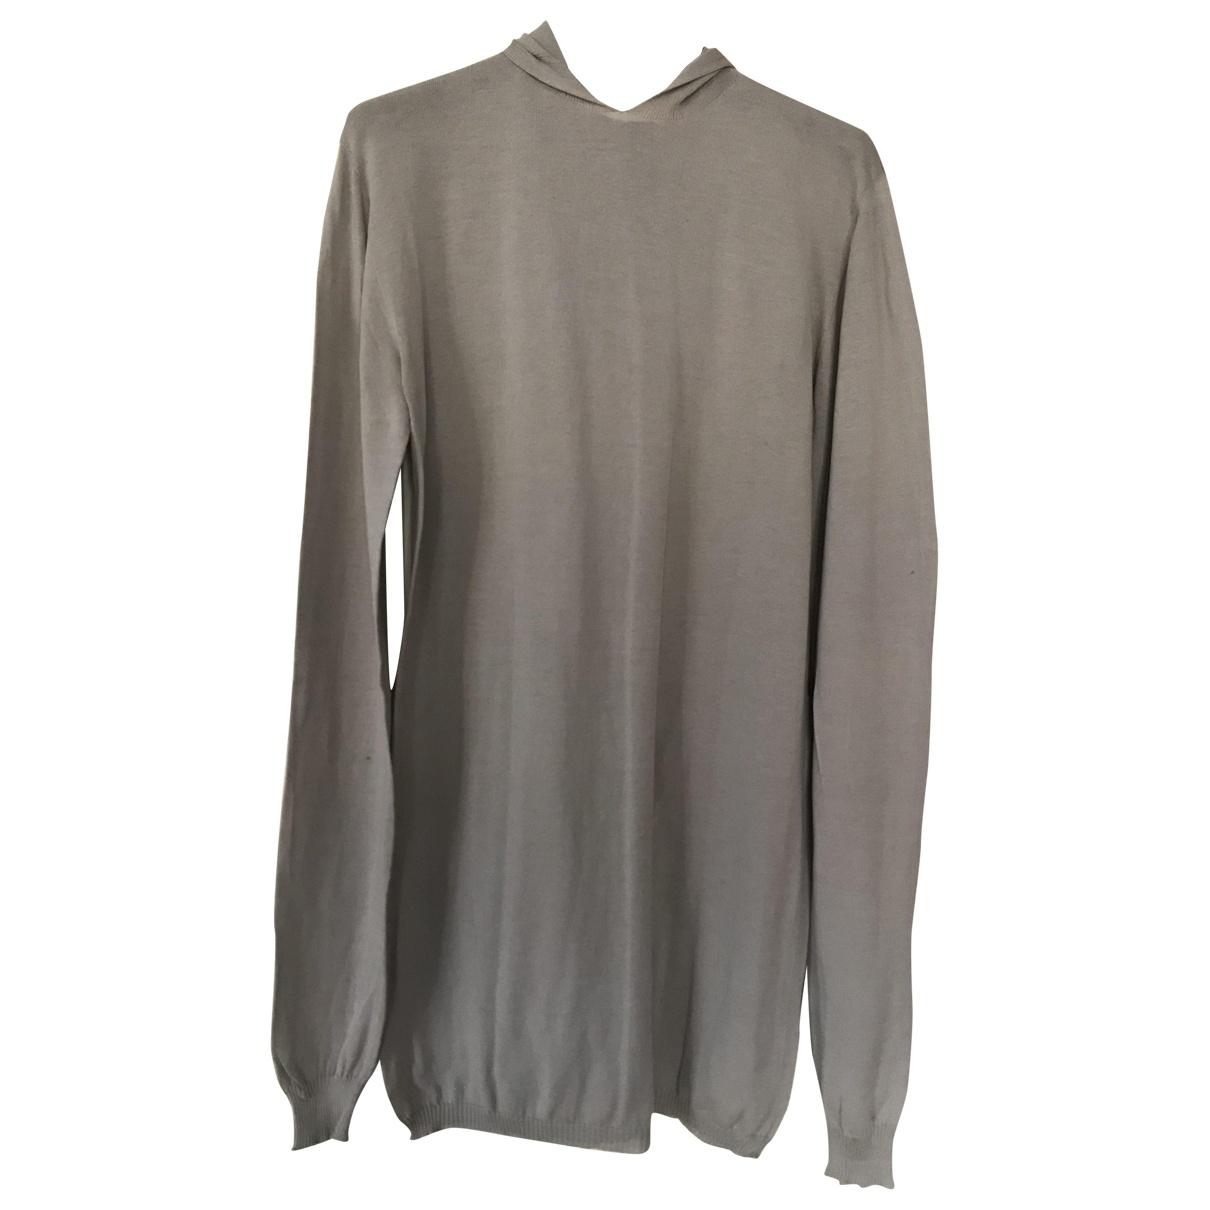 Rick Owens - Pull   pour femme en coton - beige